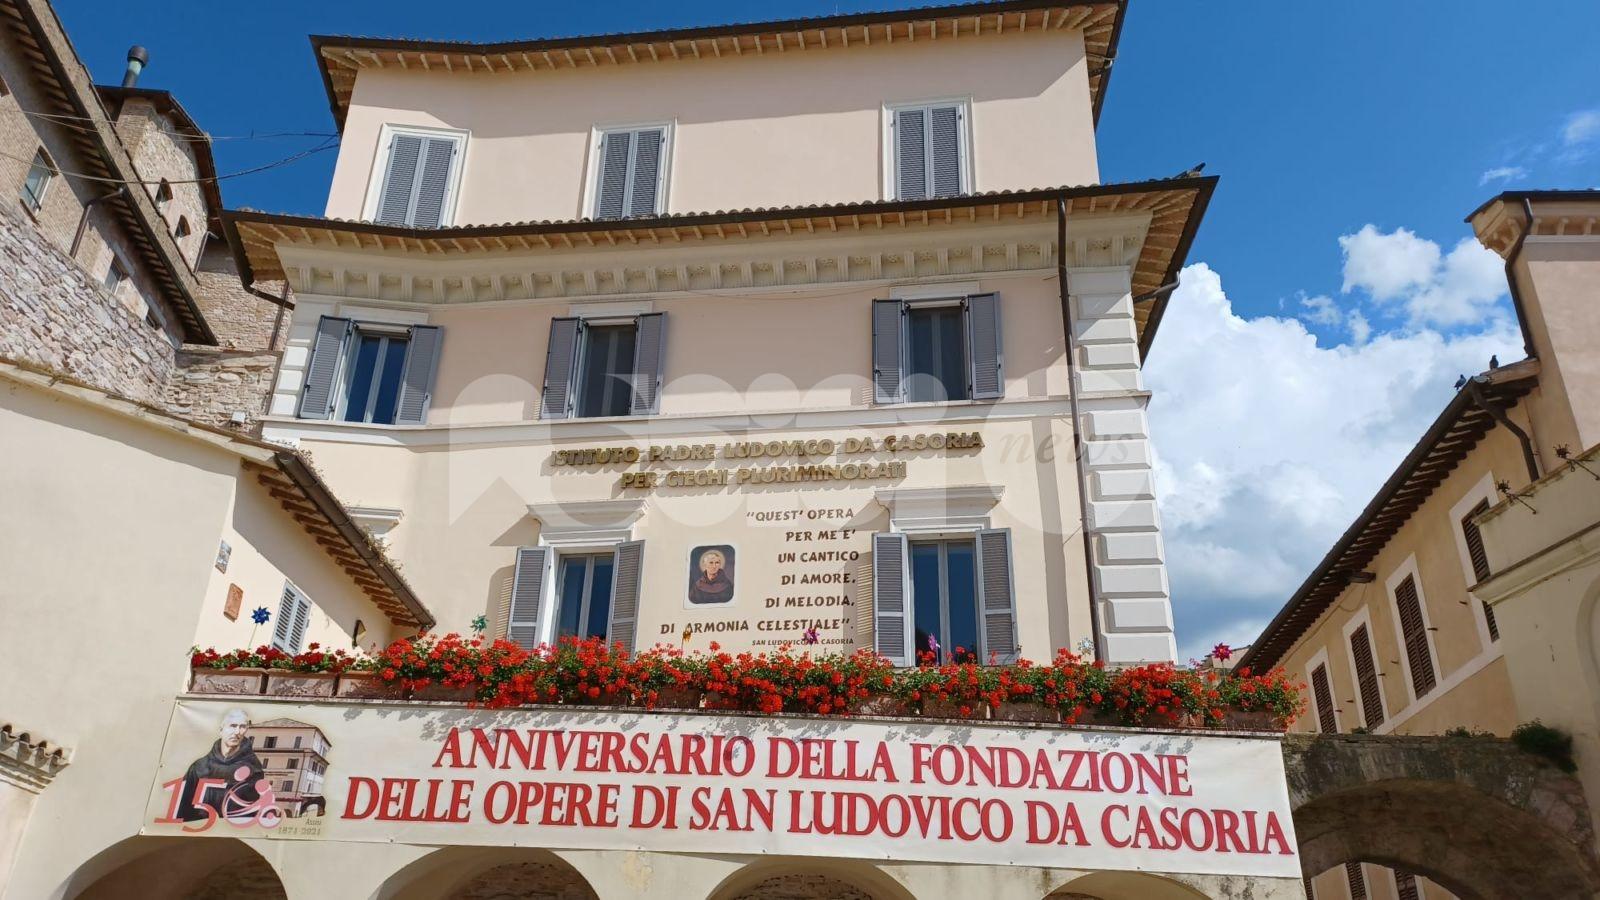 Istituto Casoria, tanti eventi per festeggiare i 150 dalla fondazione delle Opere